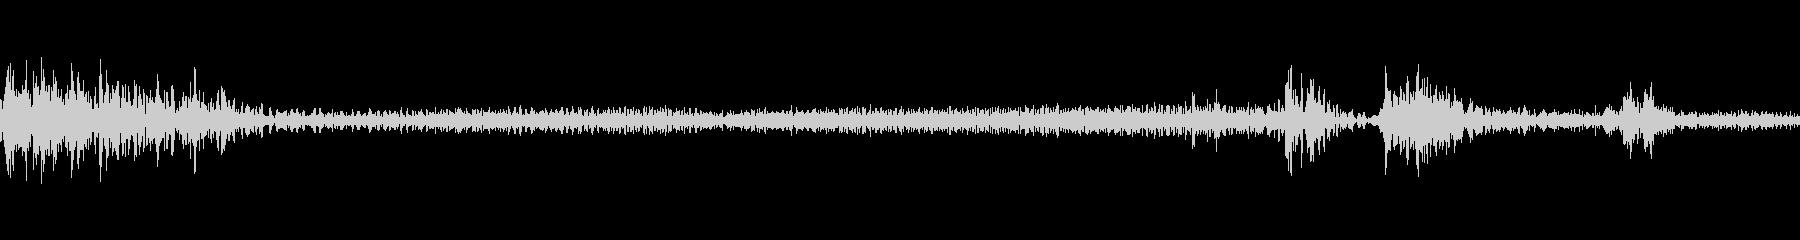 サーボ12の未再生の波形